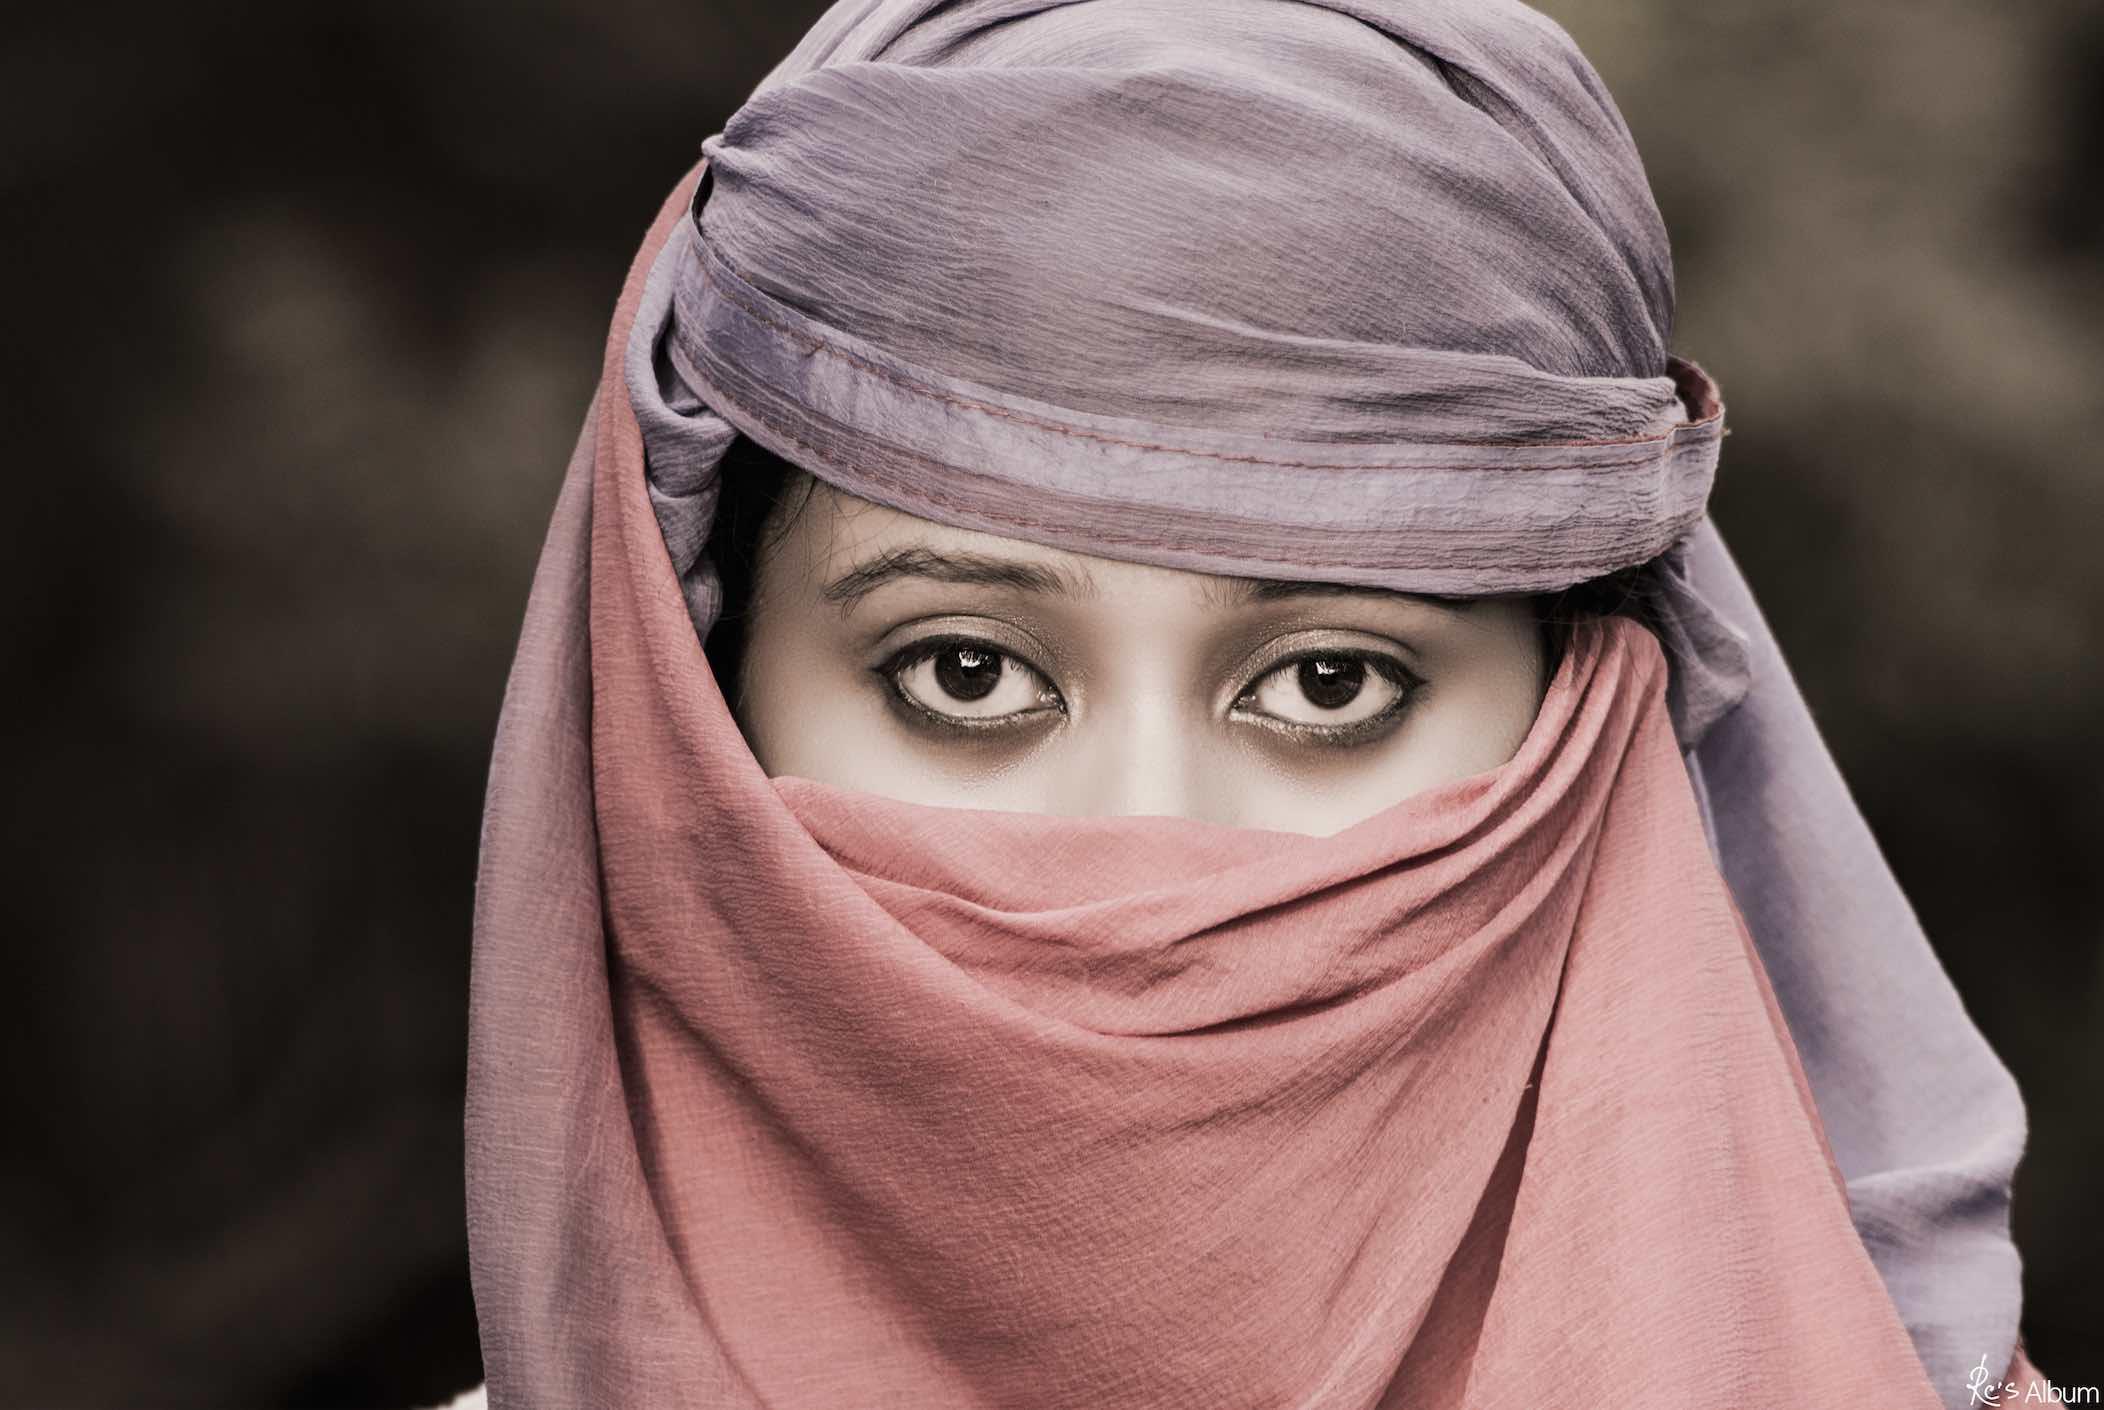 India acaba de dar un gran paso por los derechos de las mujeres musulmanas